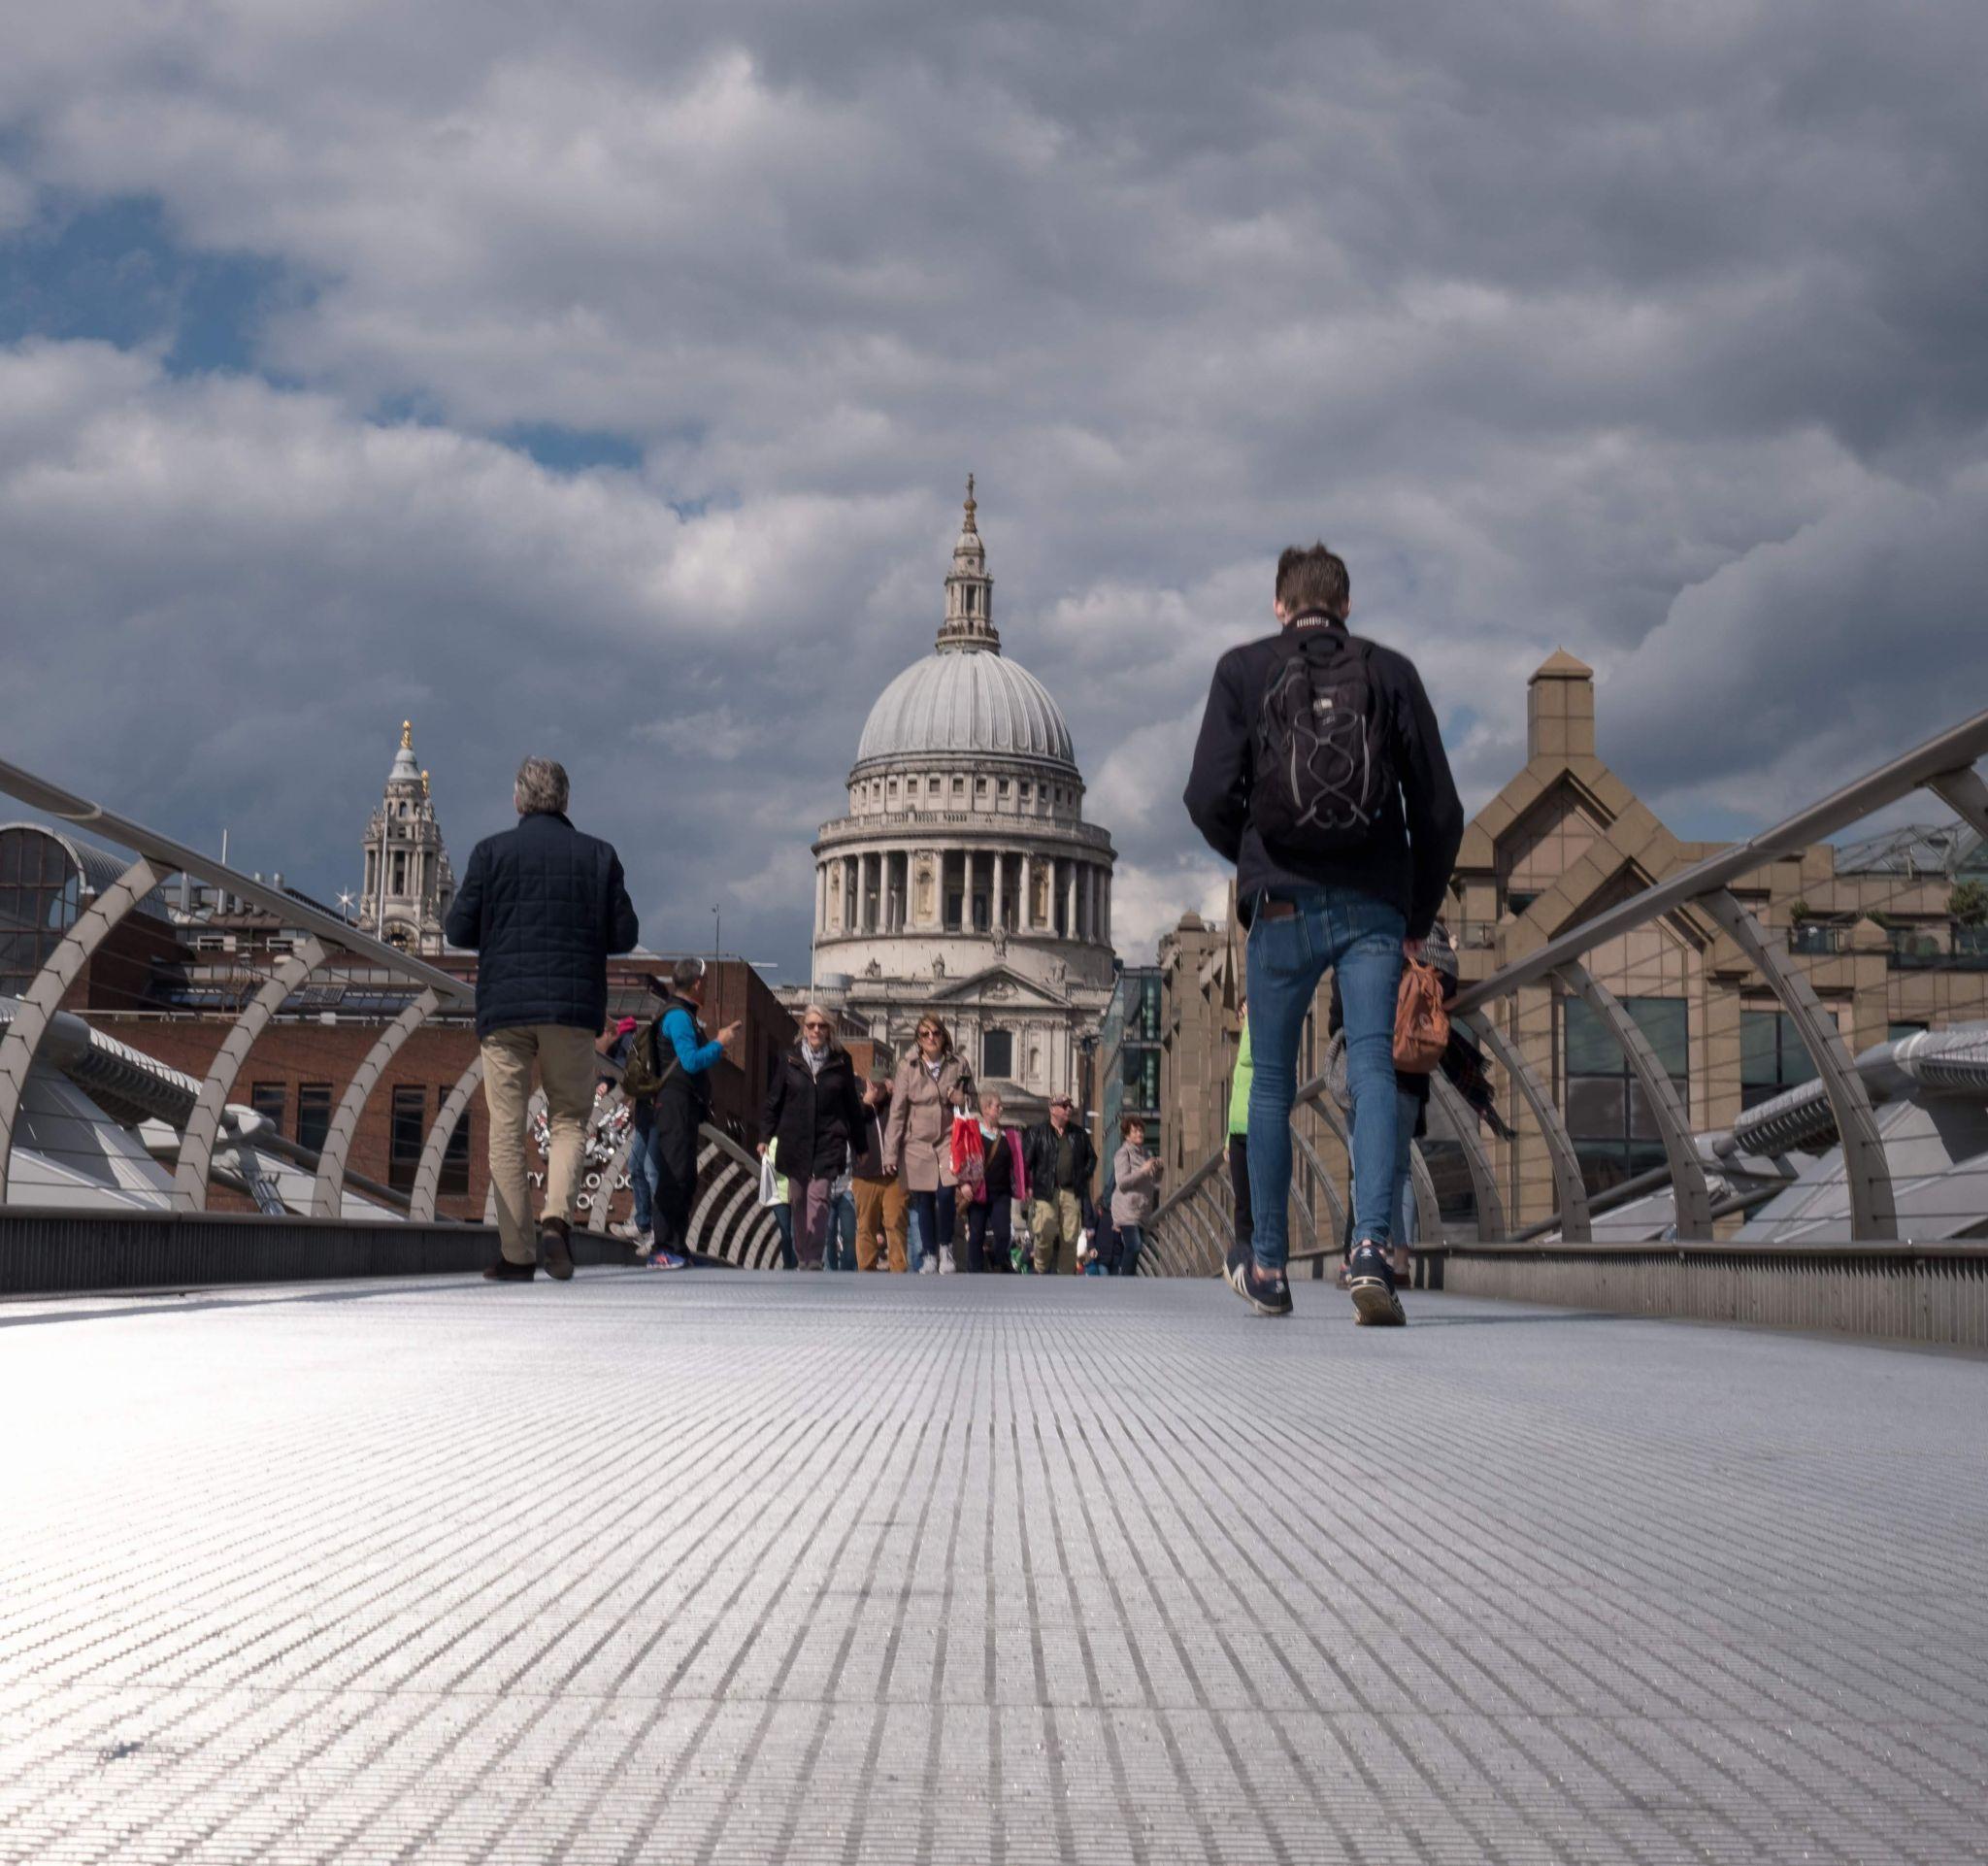 Millenium Bridge, United Kingdom